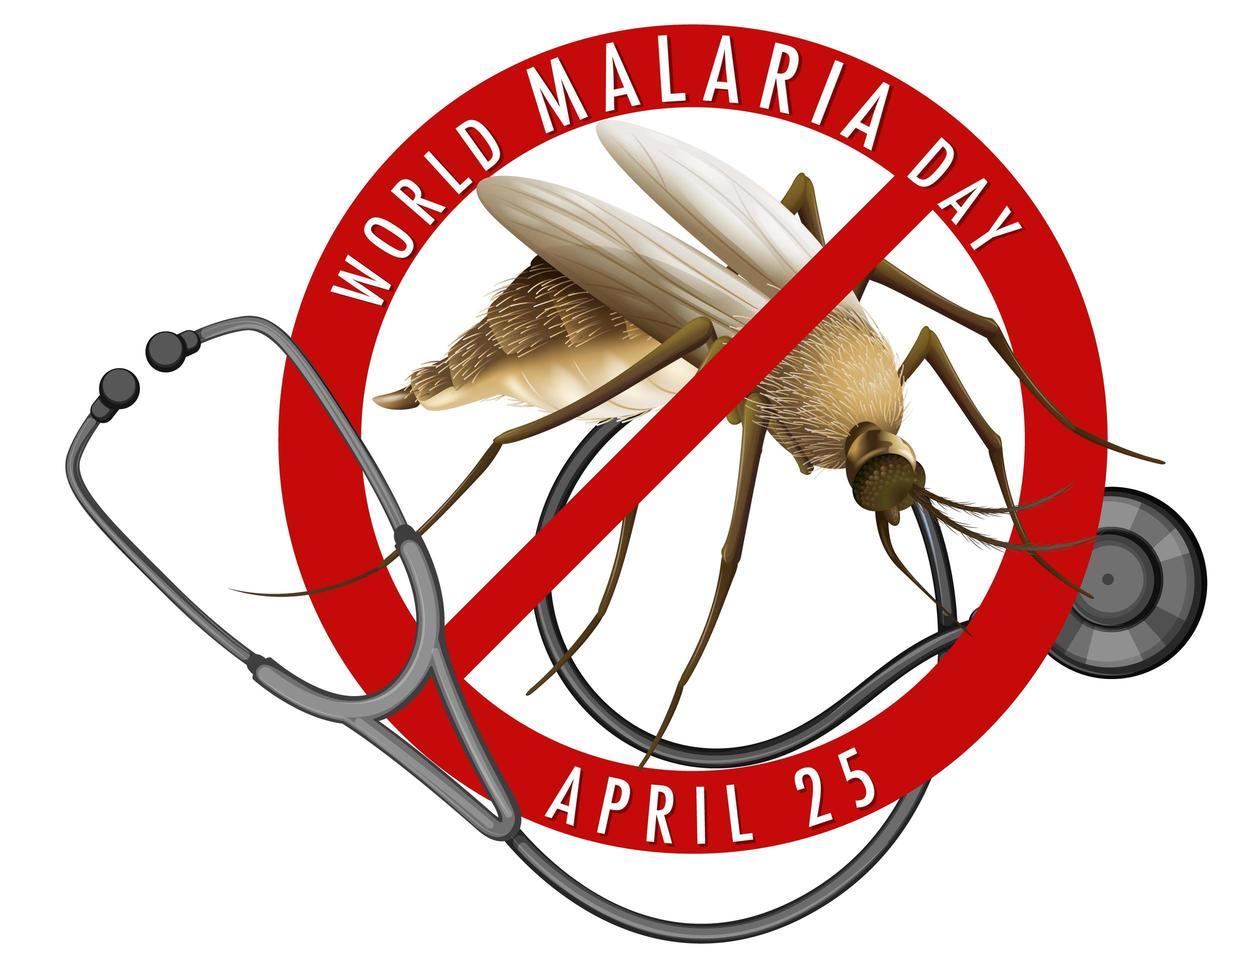 banner del día mundial de la malaria vector